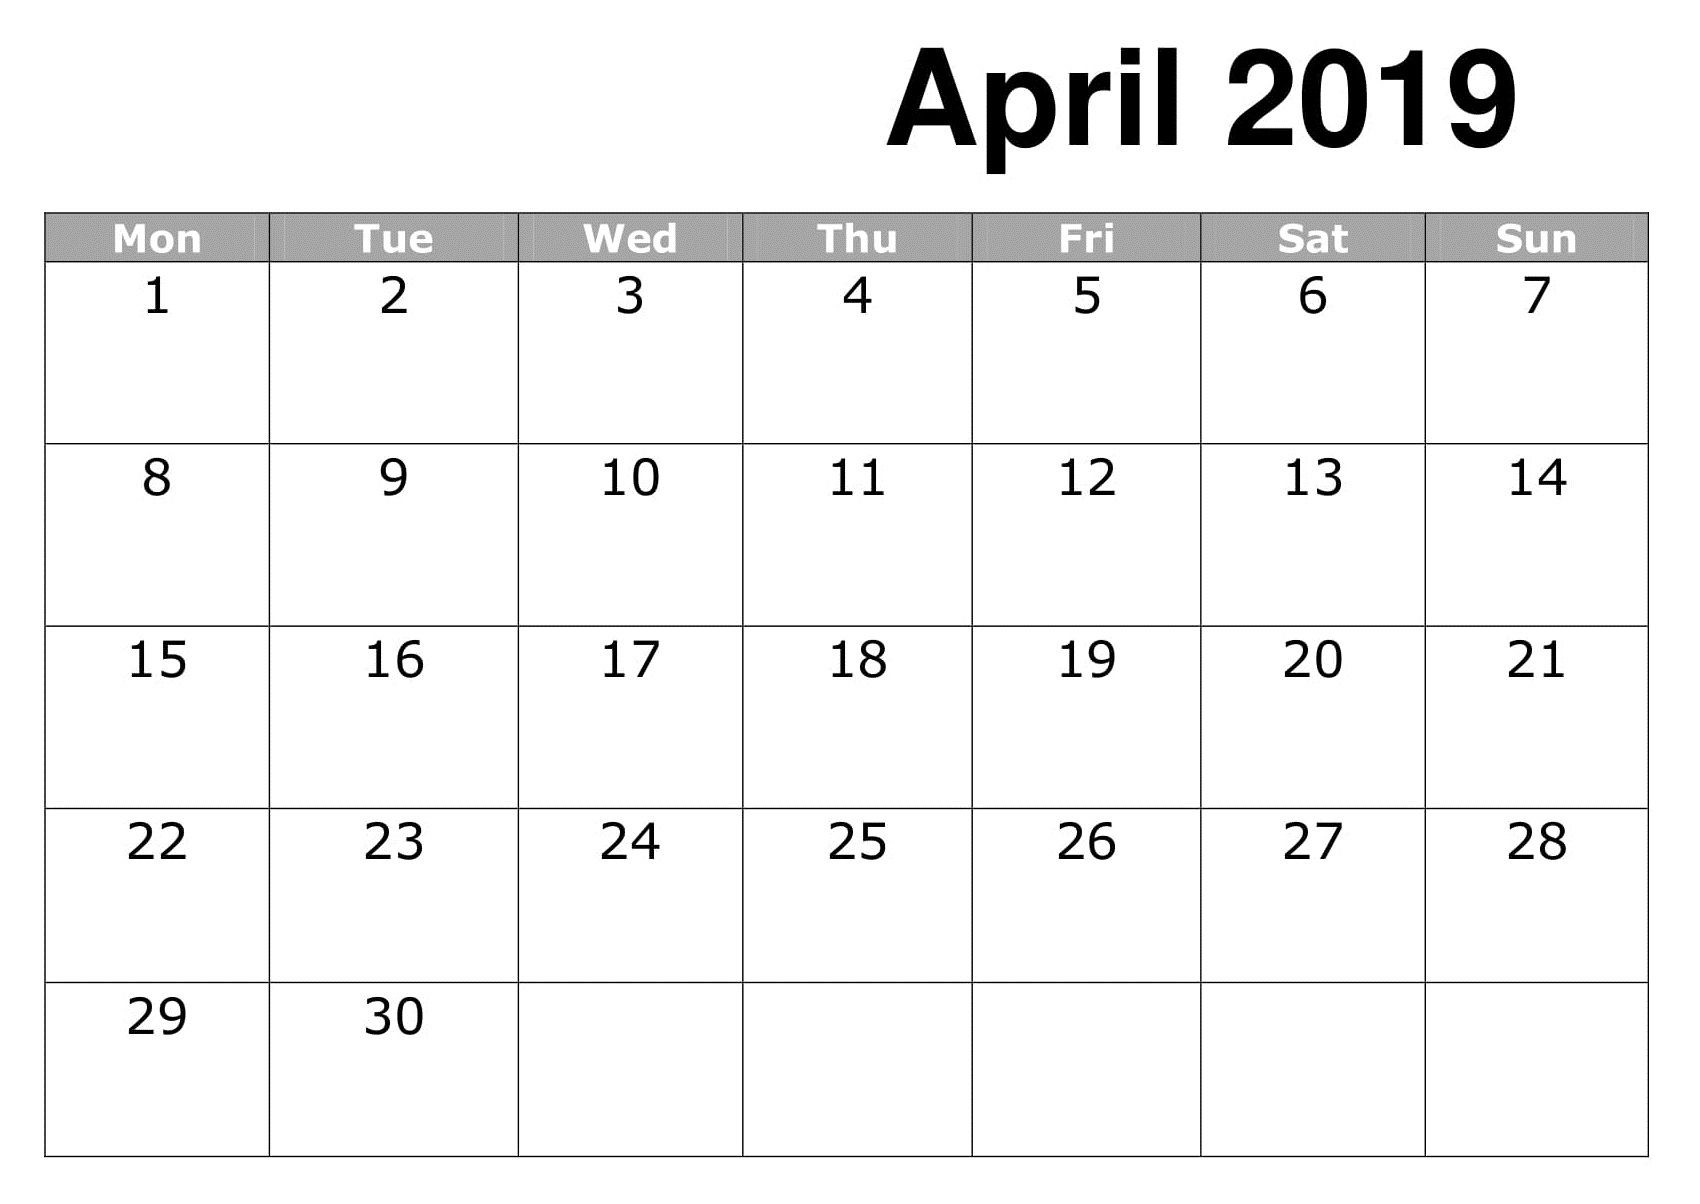 Calendario Abril 2019 Con Festivos Más Caliente Line April 2019 Calendar Printable Of Calendario Abril 2019 Con Festivos Más Recientemente Liberado Calendario 2018 Con Festivos — Fiesta De Lamusica Medellin